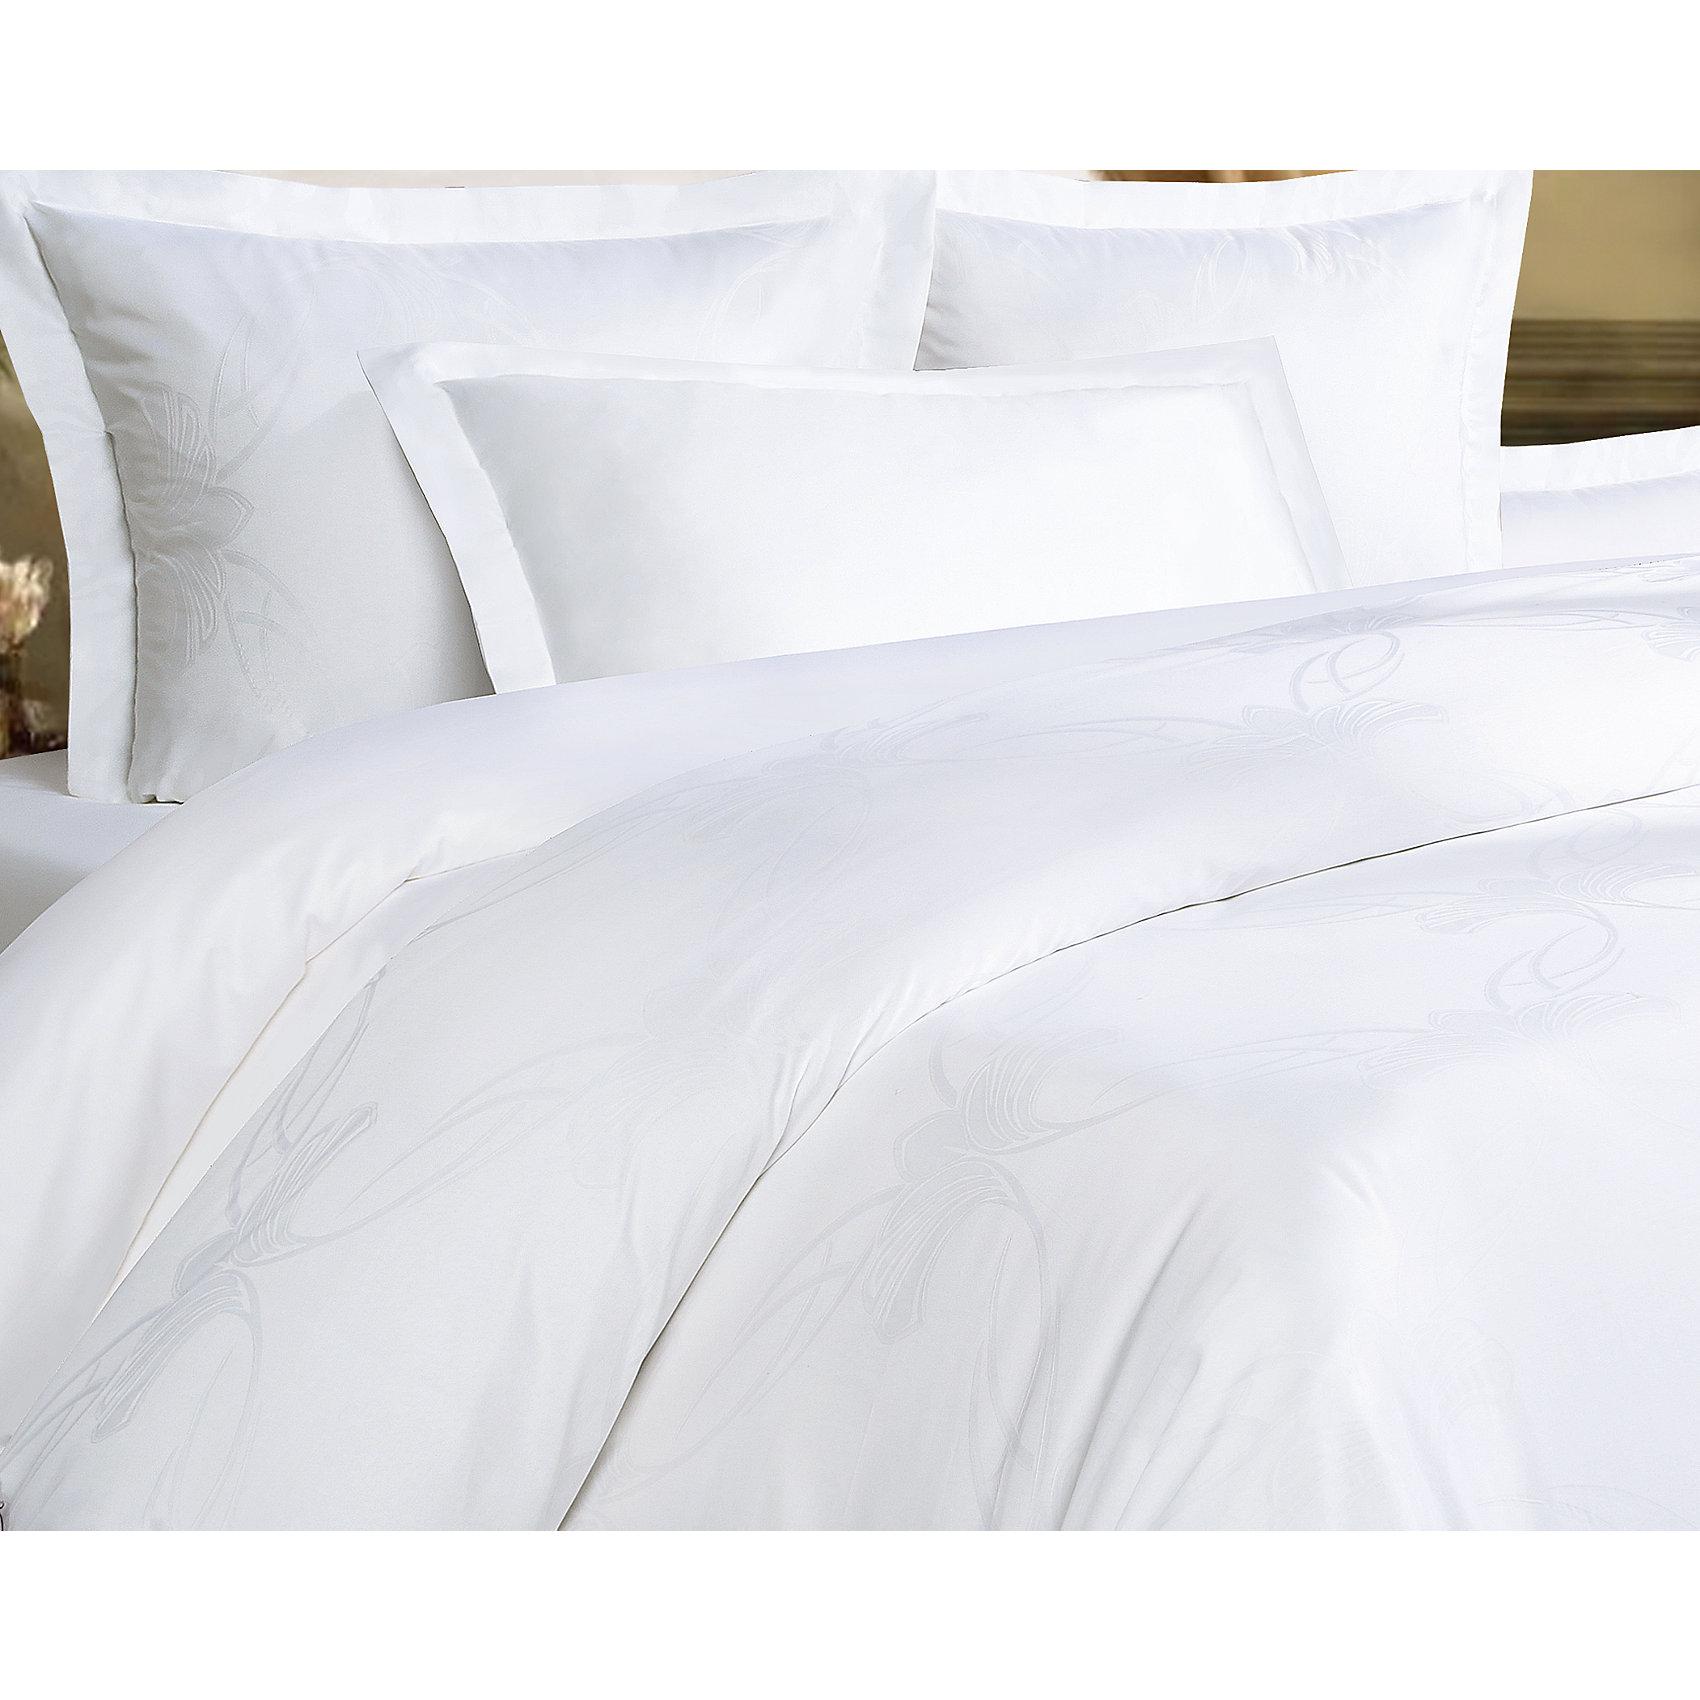 Постельное белье 2 сп Royal вензель, Mona Liza, белый, нав. 70*70 (2 шт) и 50*70 (2 шт.)Домашний текстиль<br>Постельное белье Mona Liza Royal — это королевская роскошь. Изысканная классика в сочетании с высочайшим качеством ткани сатин-жаккард откроет Вам двери в мир элегантного текстиля и непревзойденного вкуса. Комплектация и размеры: Пододеяльник 175*210, простынь 215*240, наволочки 70*70 (2 шт) и 50*70 (2 шт)<br><br>Ширина мм: 290<br>Глубина мм: 80<br>Высота мм: 370<br>Вес г: 2200<br>Возраст от месяцев: 144<br>Возраст до месяцев: 600<br>Пол: Унисекс<br>Возраст: Детский<br>SKU: 6765274